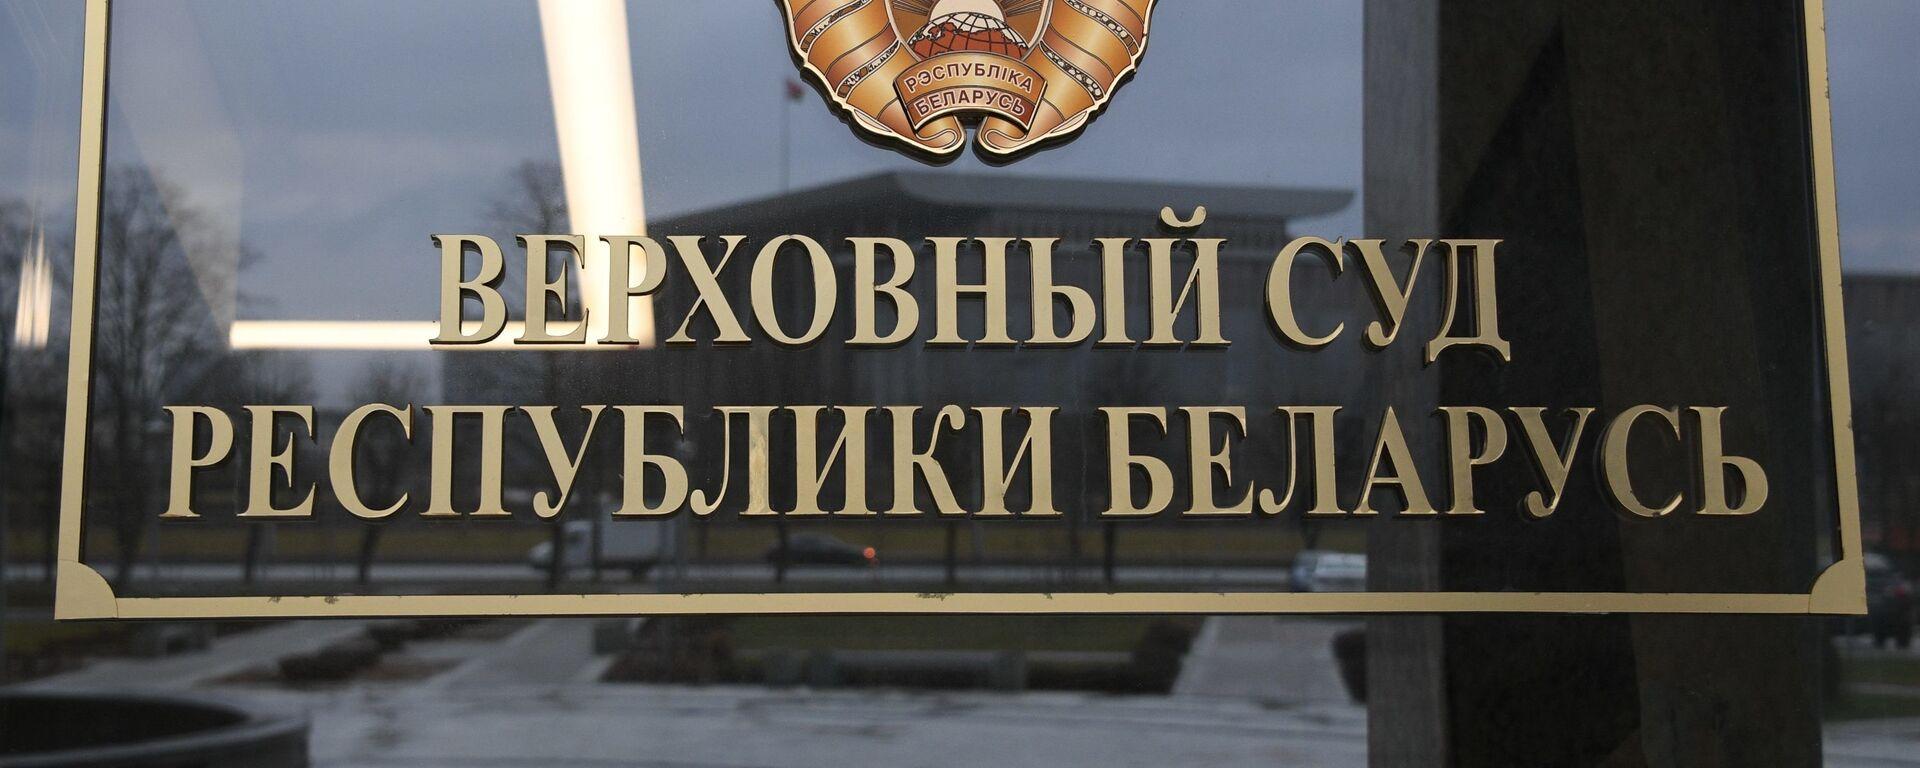 Верховный суд, архивное фото - Sputnik Беларусь, 1920, 05.05.2021